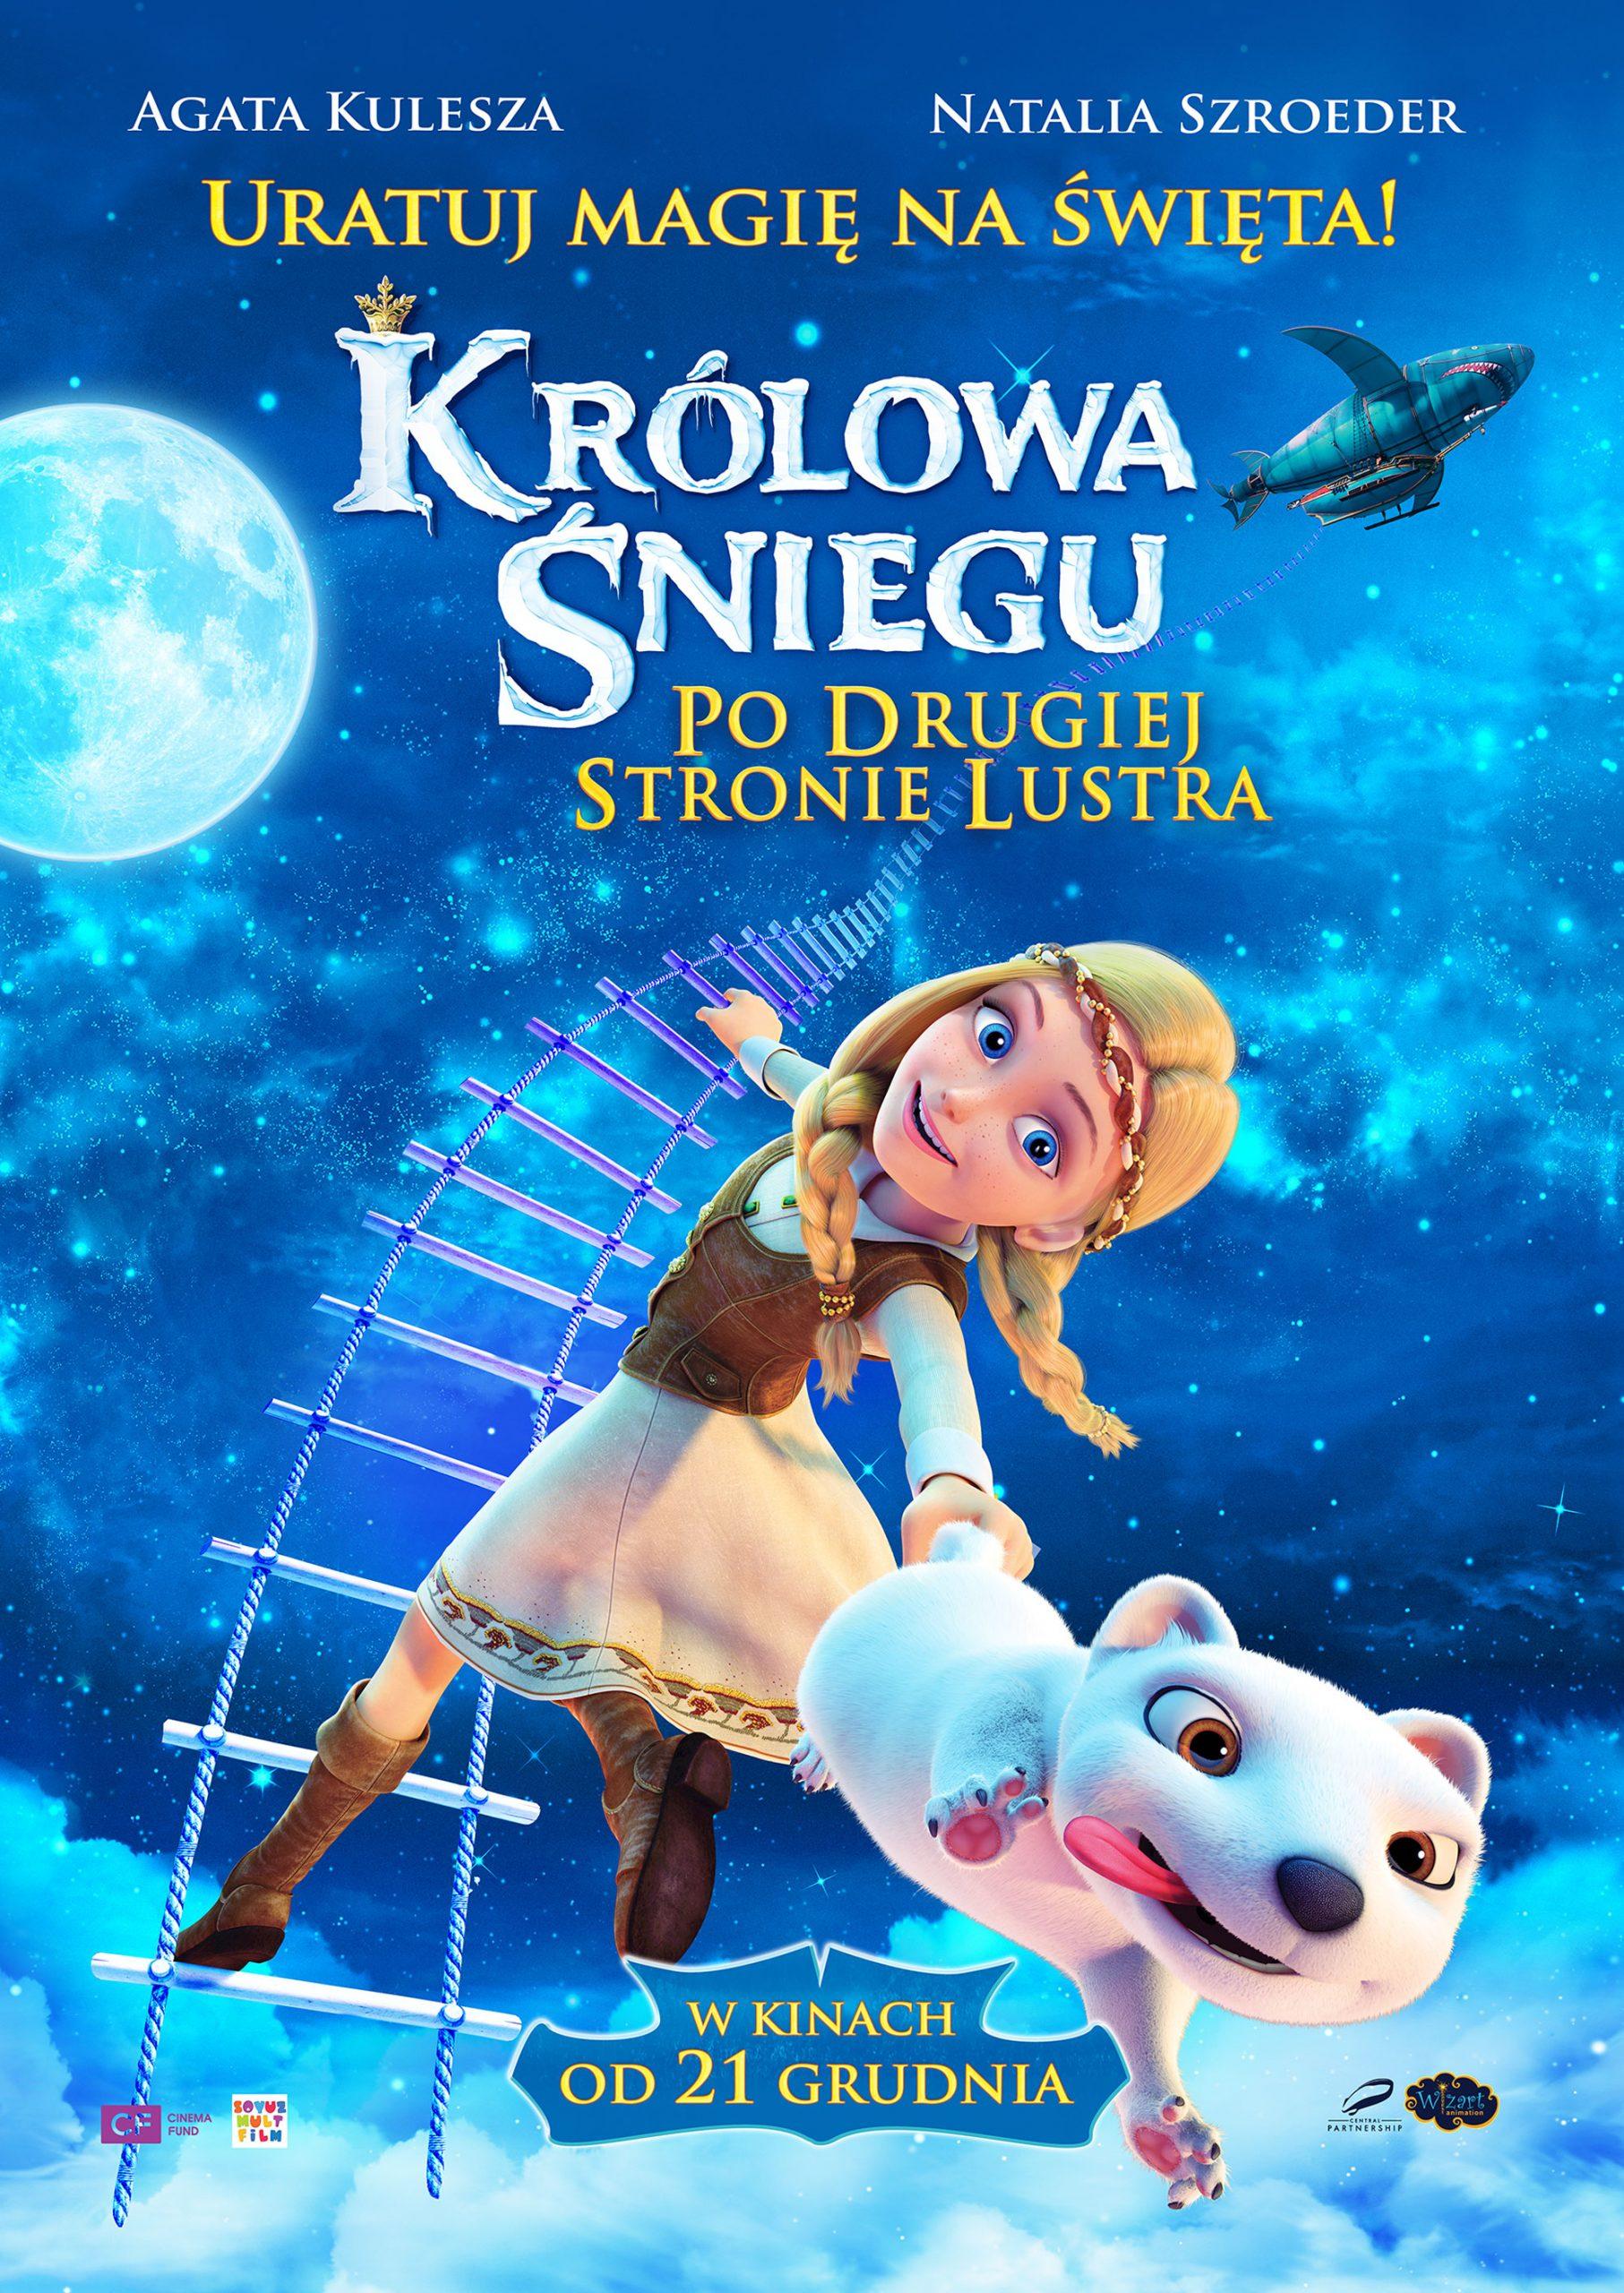 KROLOWA-SNIEGU